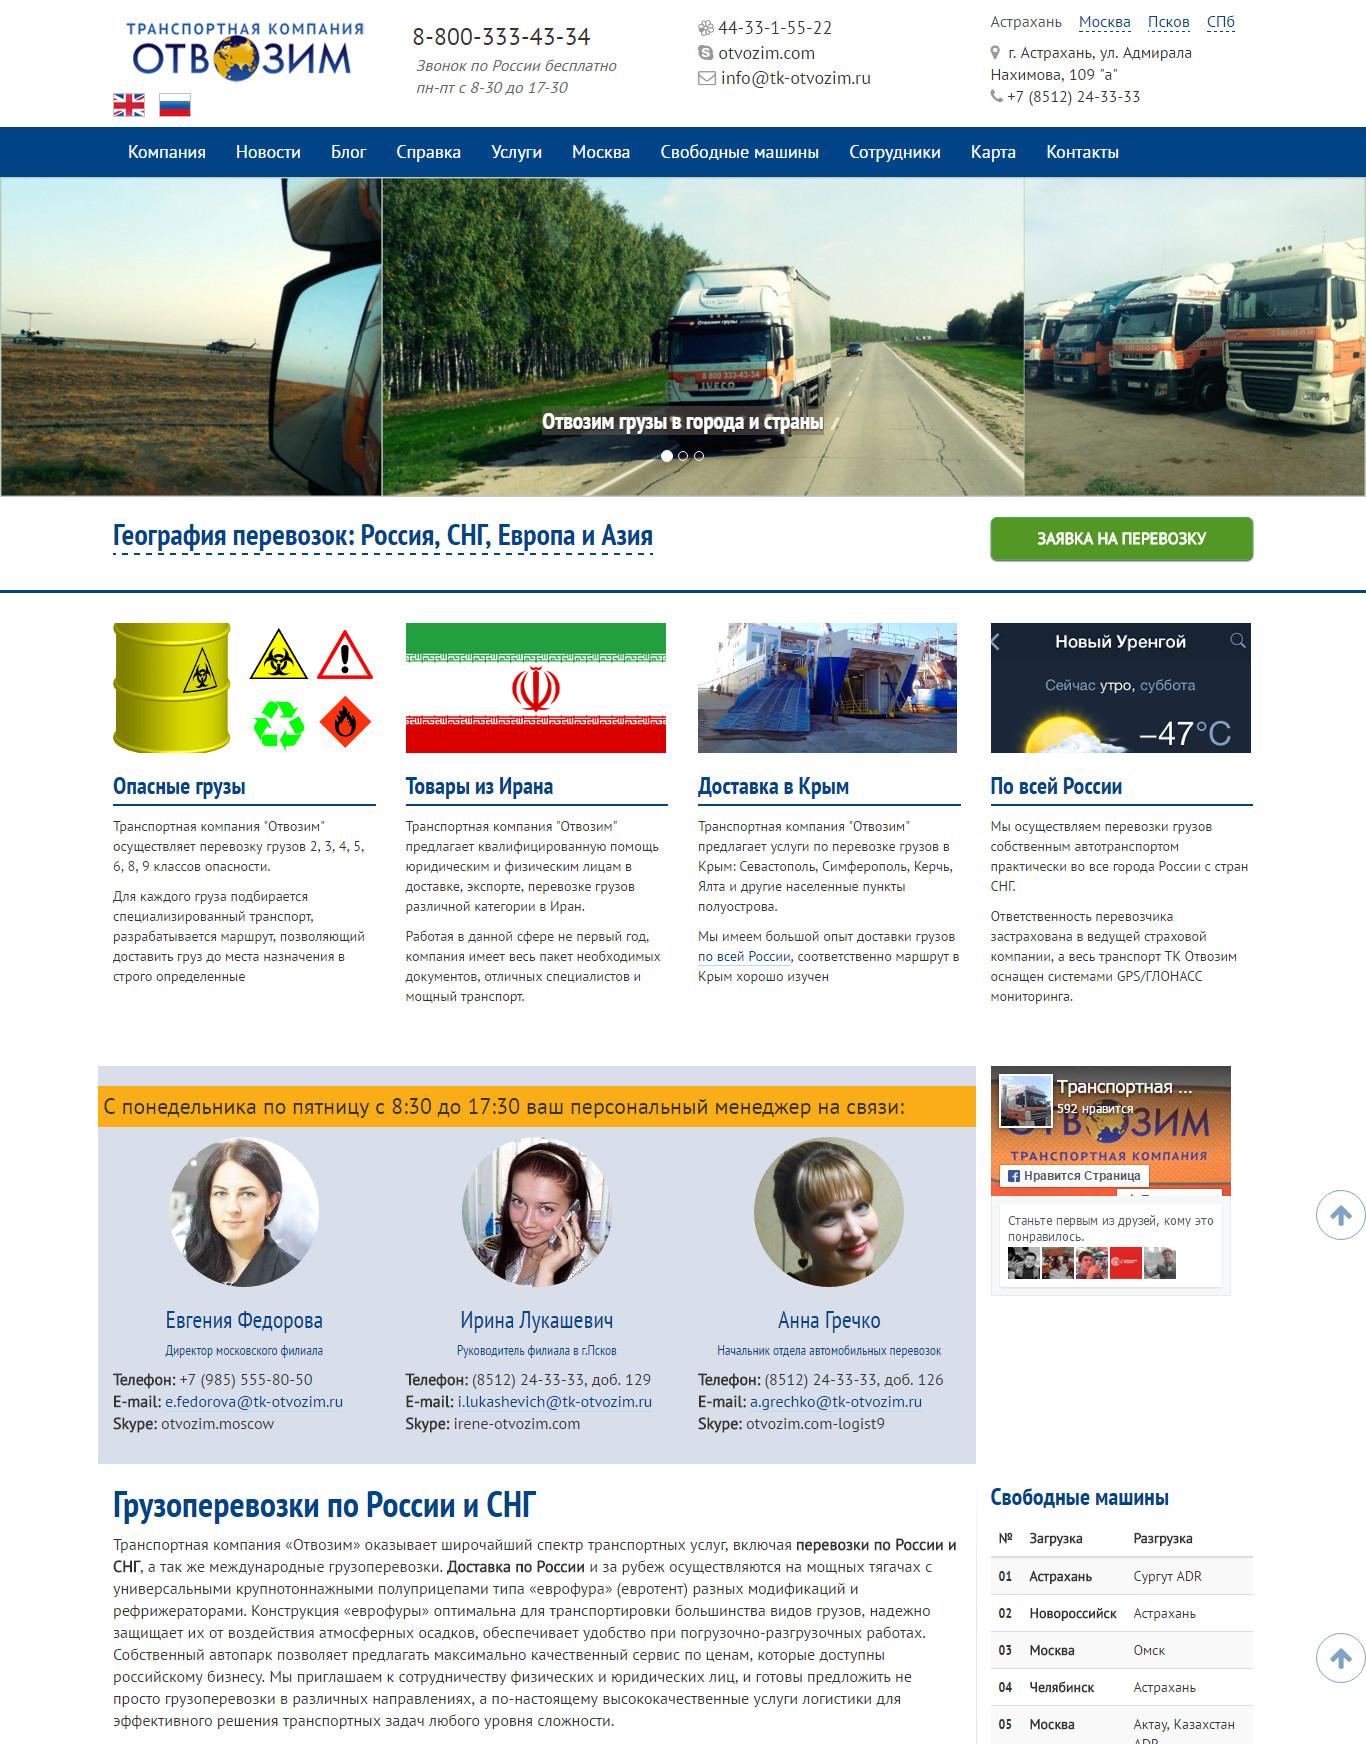 Сайт астраханская транспортной компании влияние видео на продвижение сайта